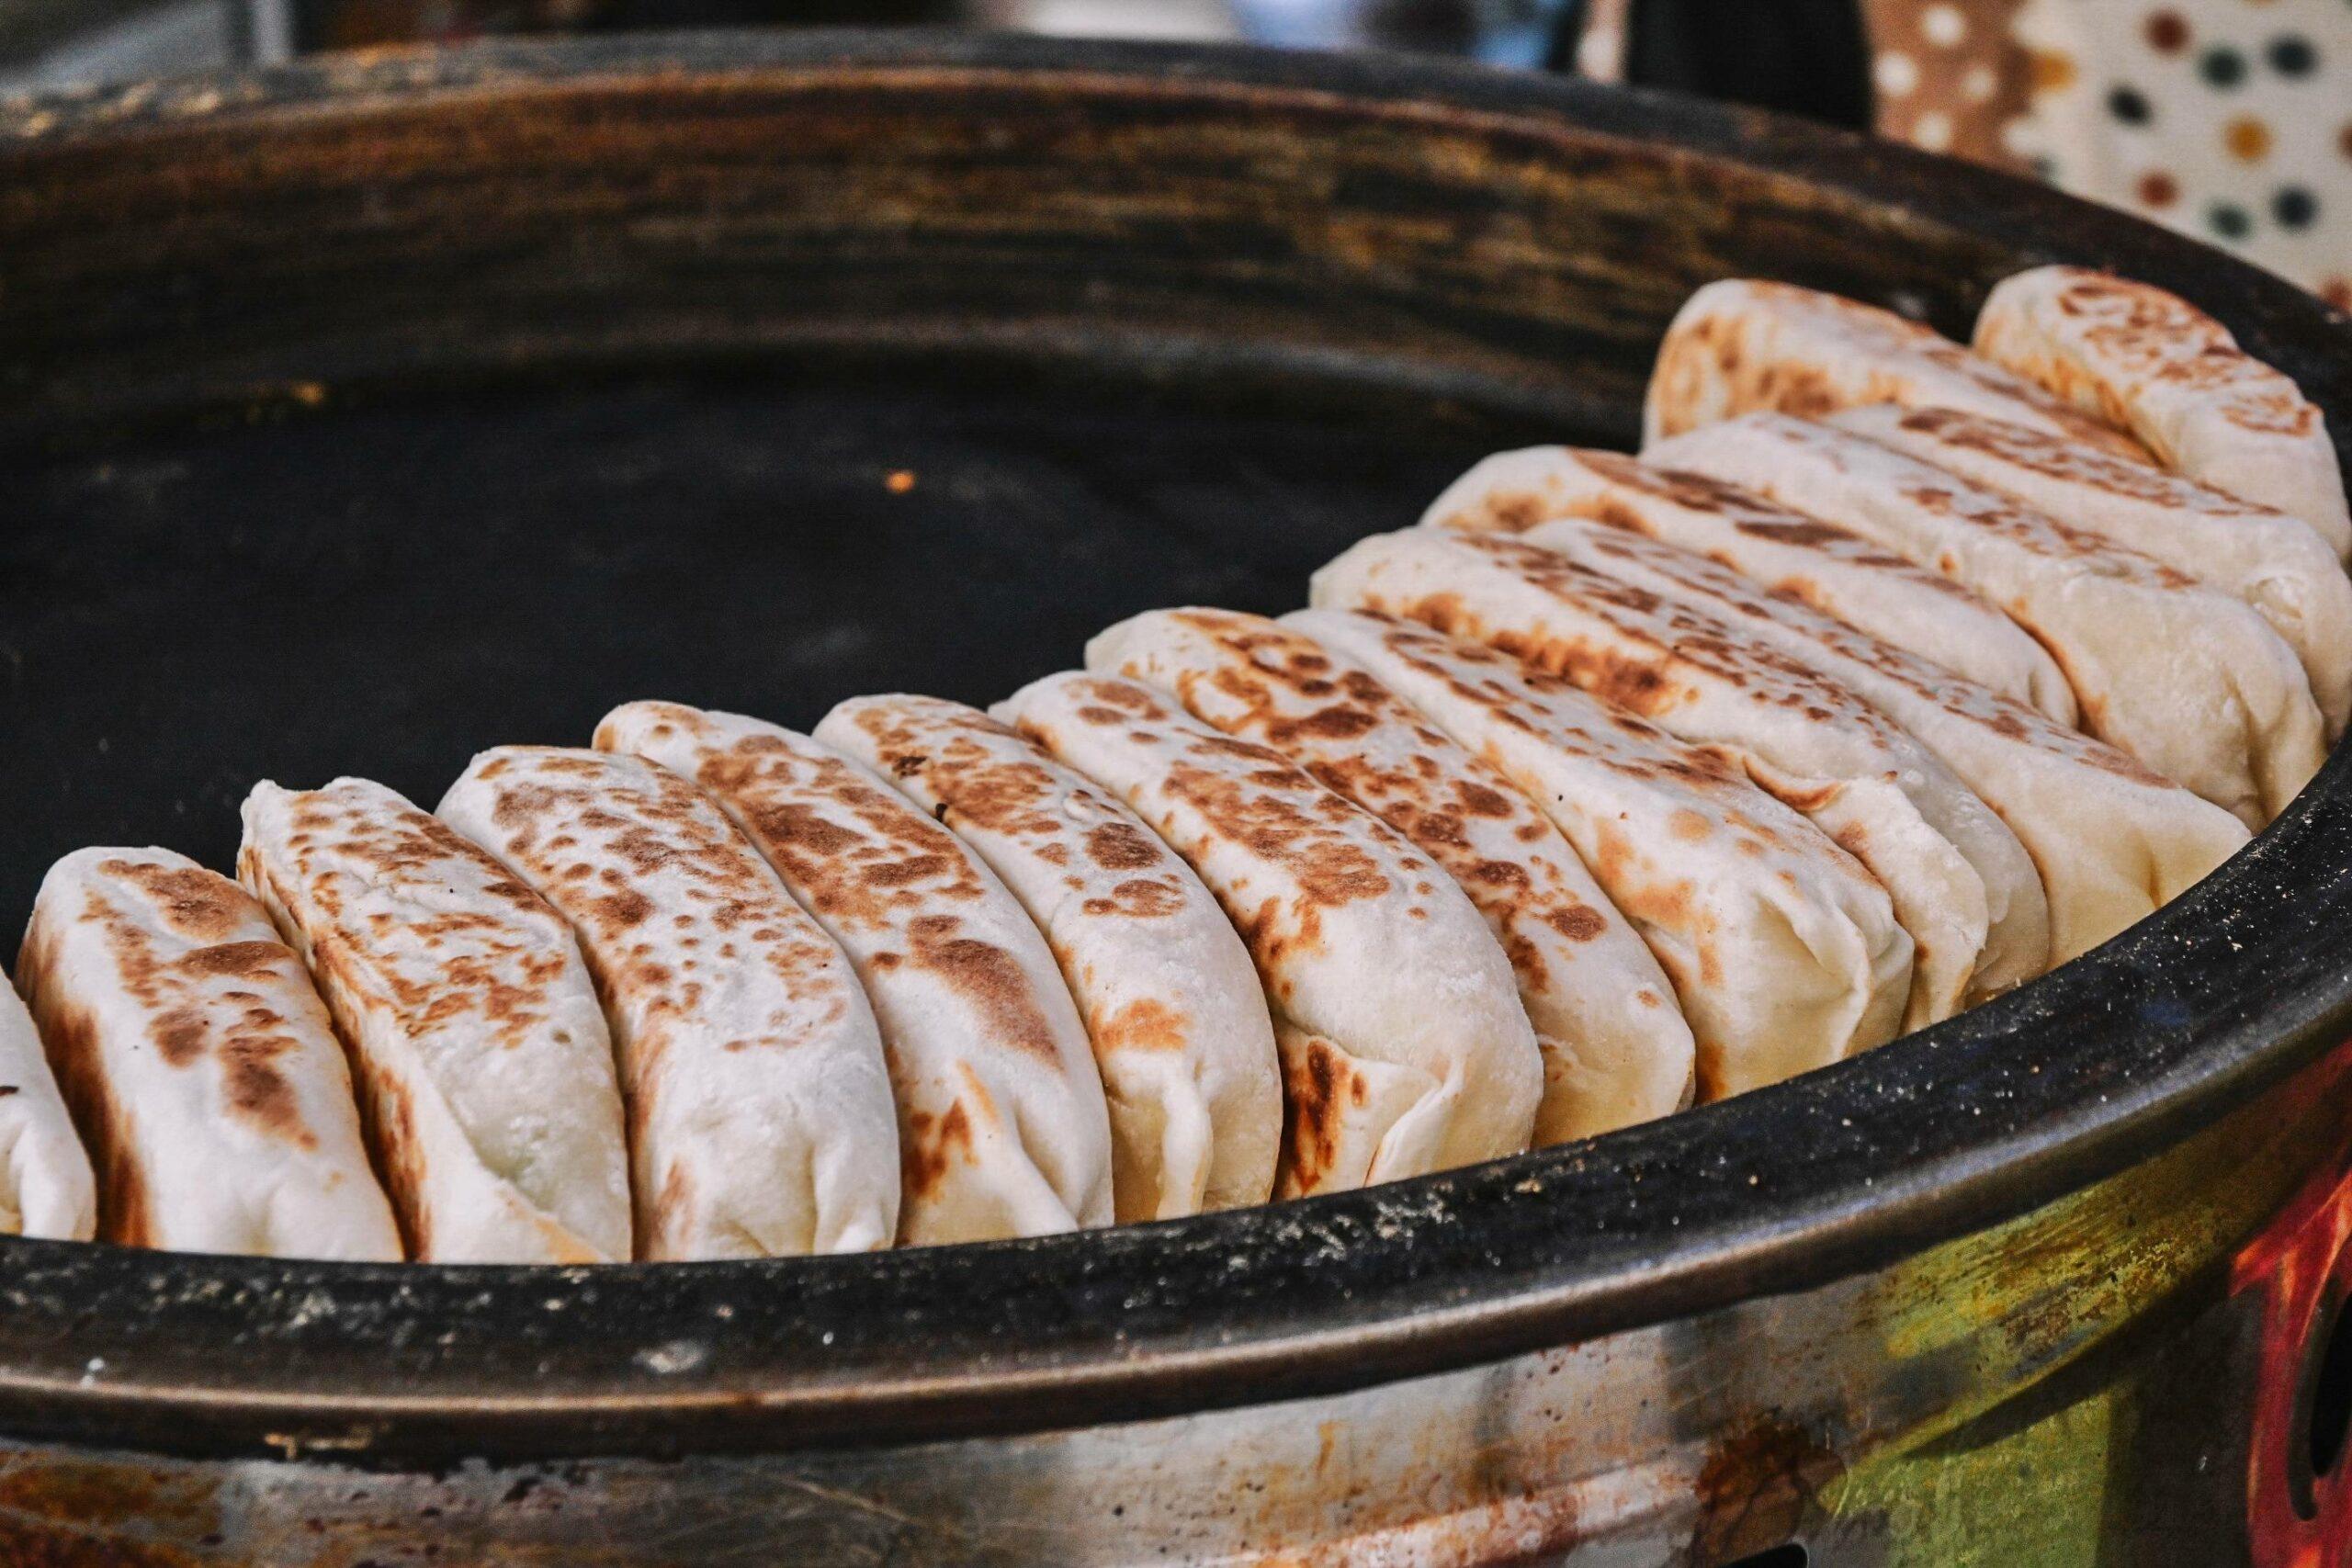 周家豆腐捲、韭菜盒、牛肉捲餅,光復市場在地人推薦巷弄銅板美食【台北世貿美食】 @女子的休假計劃